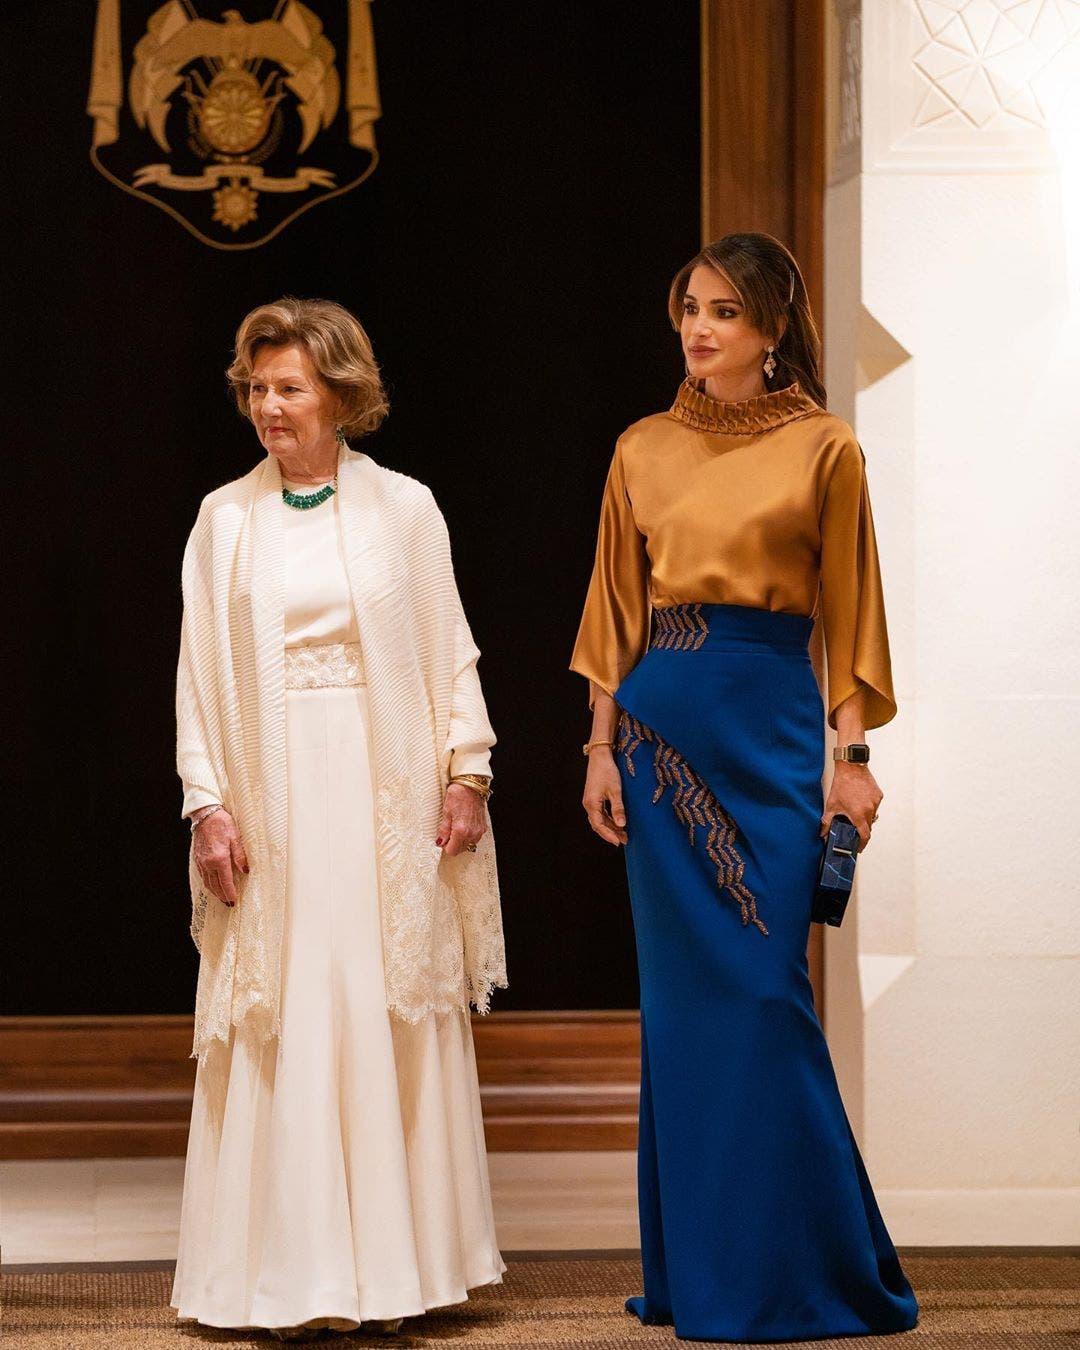 الملكة رانيا وصونيا ملكة النرويج